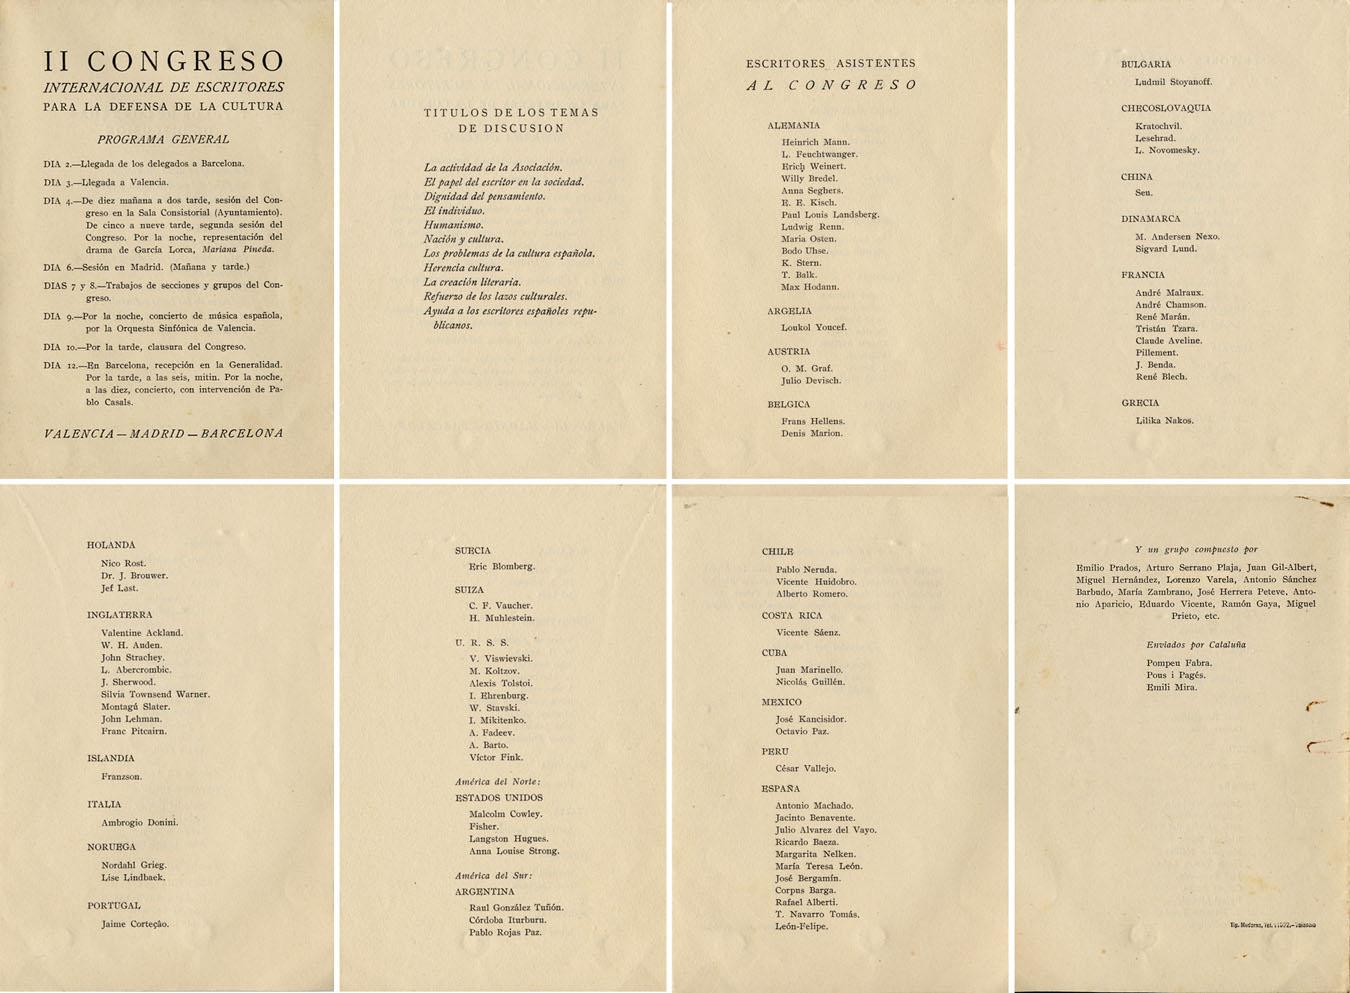 II Congreso internacional de escritores para la defensa de la cultura.